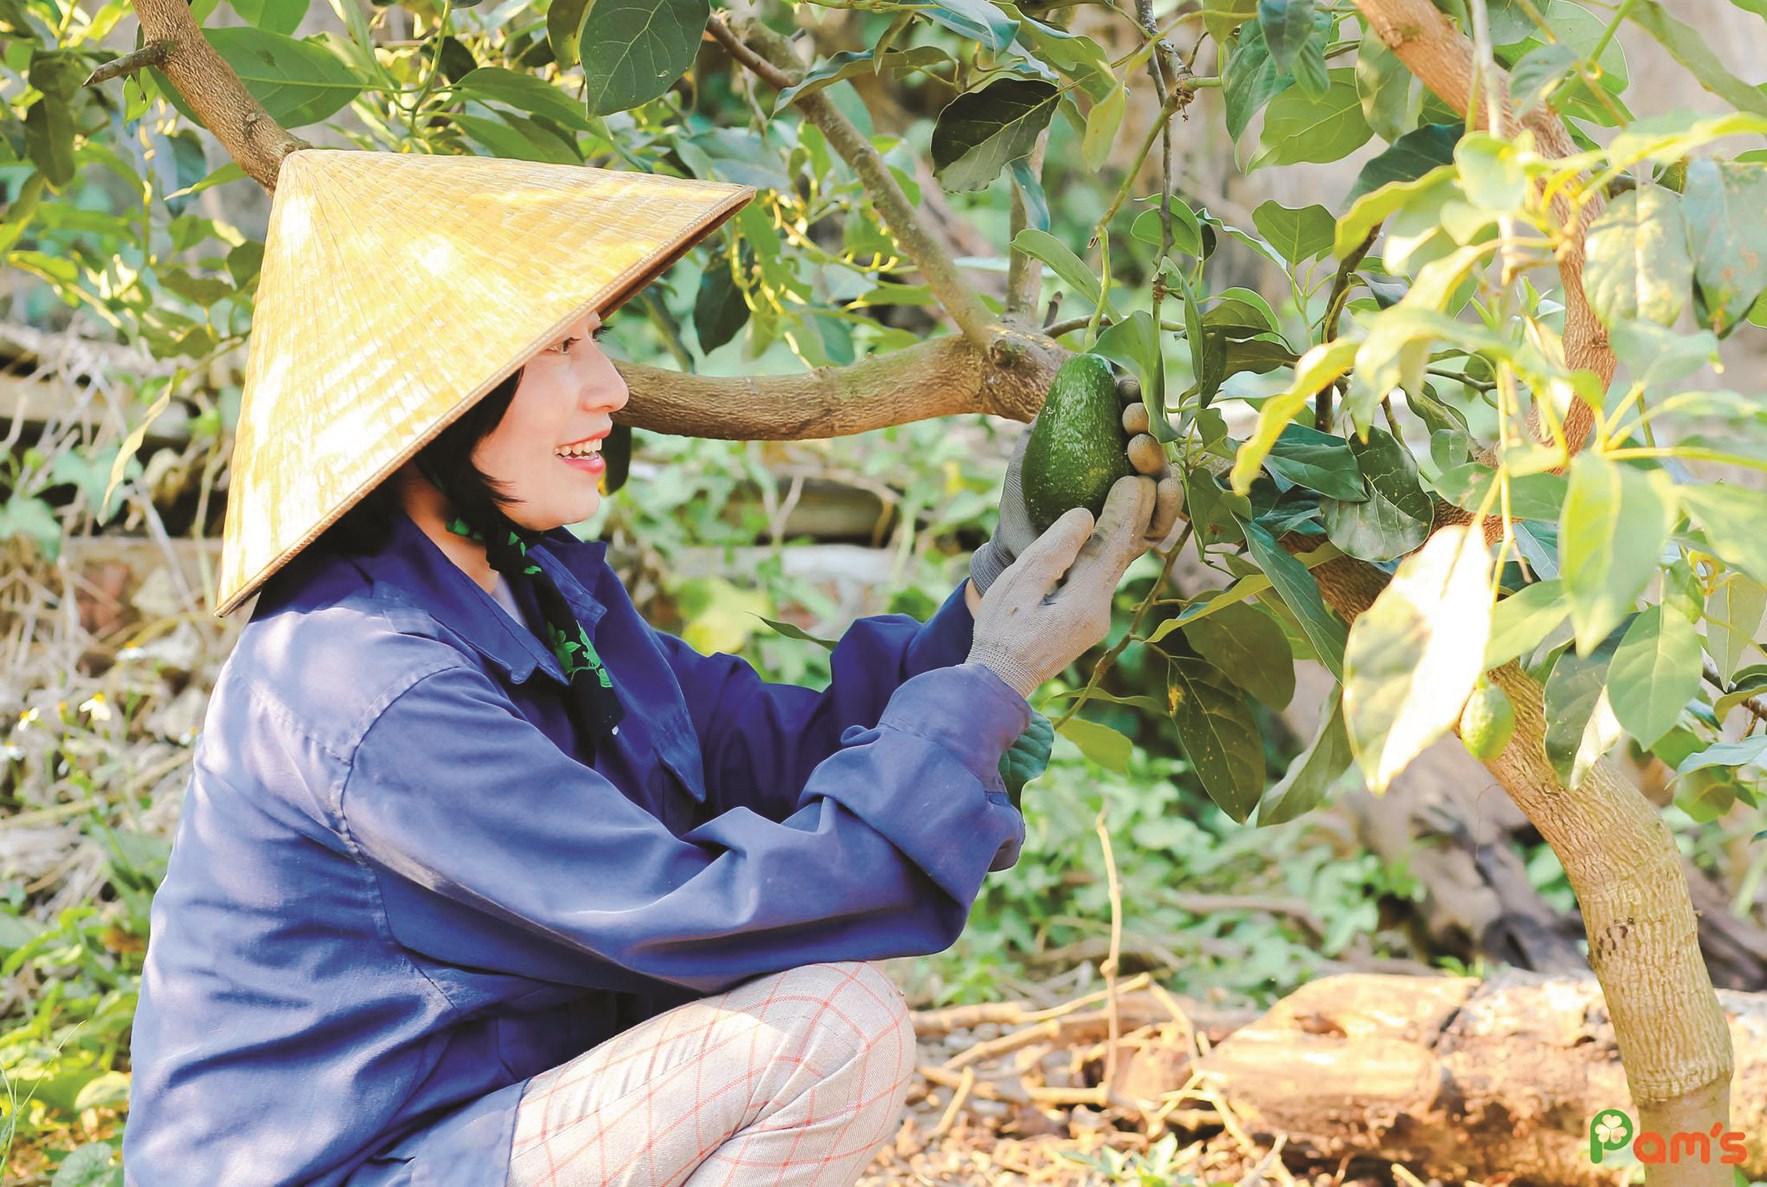 Chị Phạm Thị Thu Hằng mạnh dạn chuyển hướng khởi nghiệp với thương hiệu mỹ phẩm Pam's.